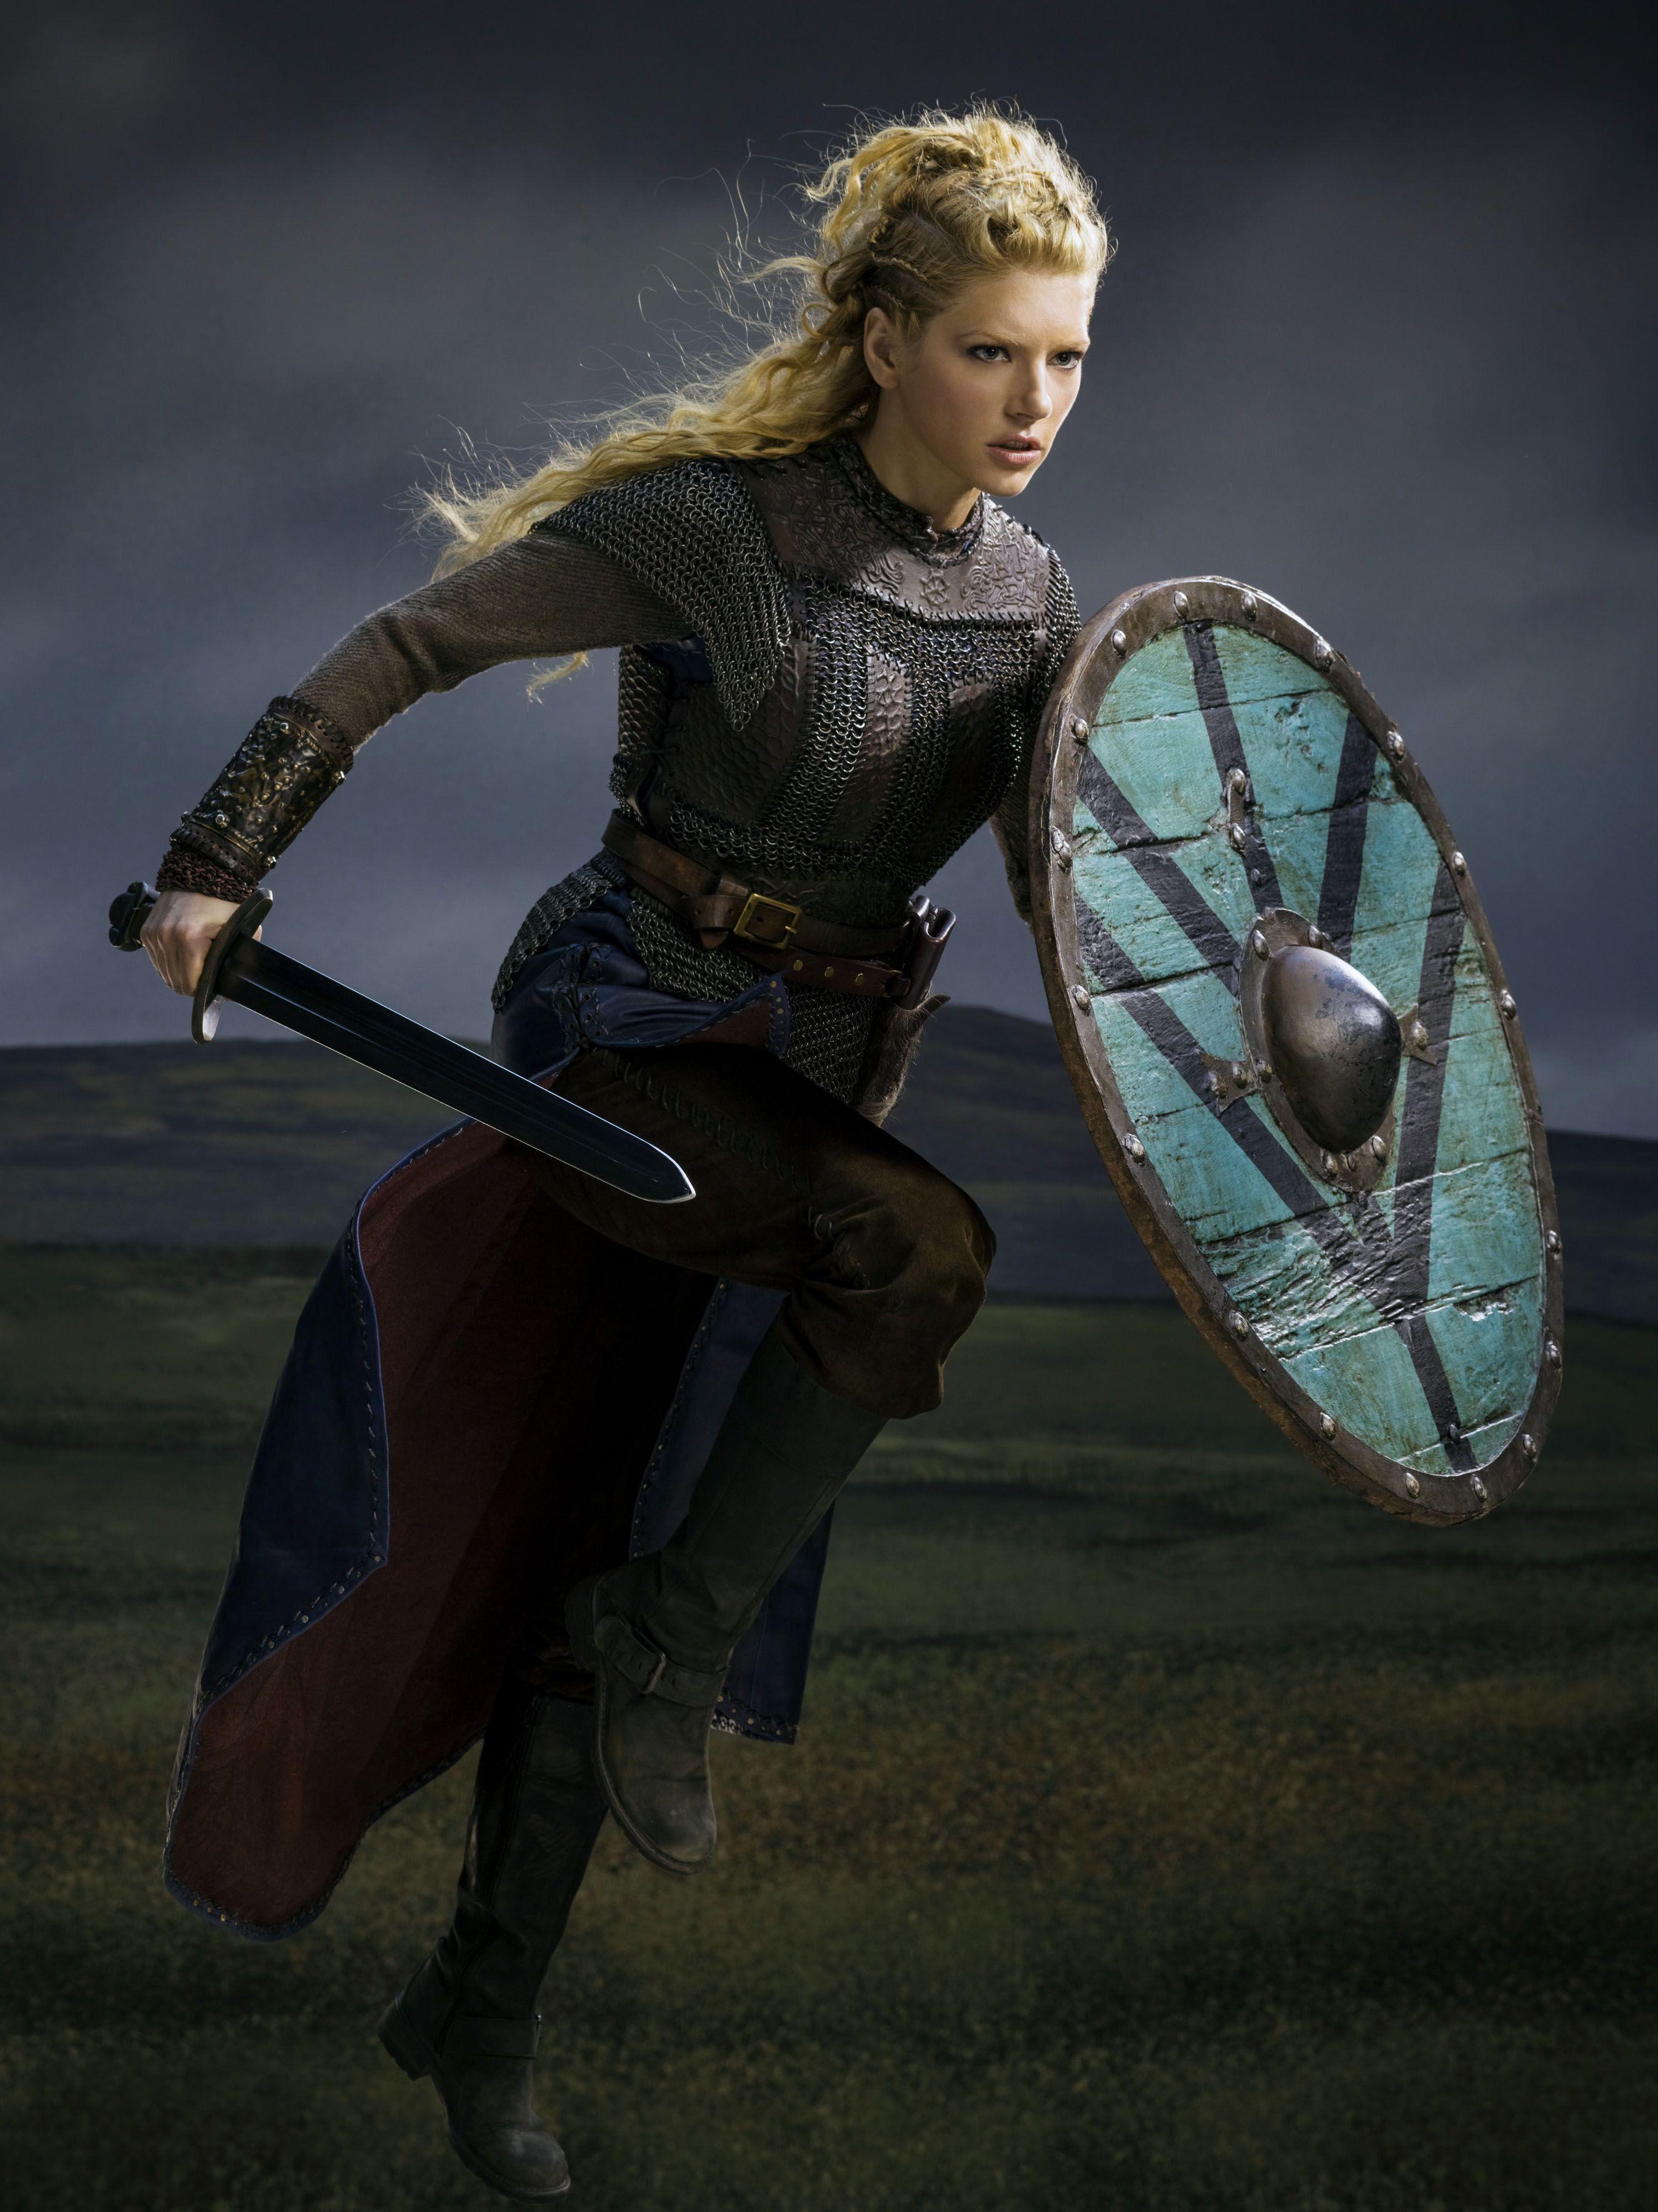 Katheryn Winnick as Lagertha - Vikings Promotional Photograph ...